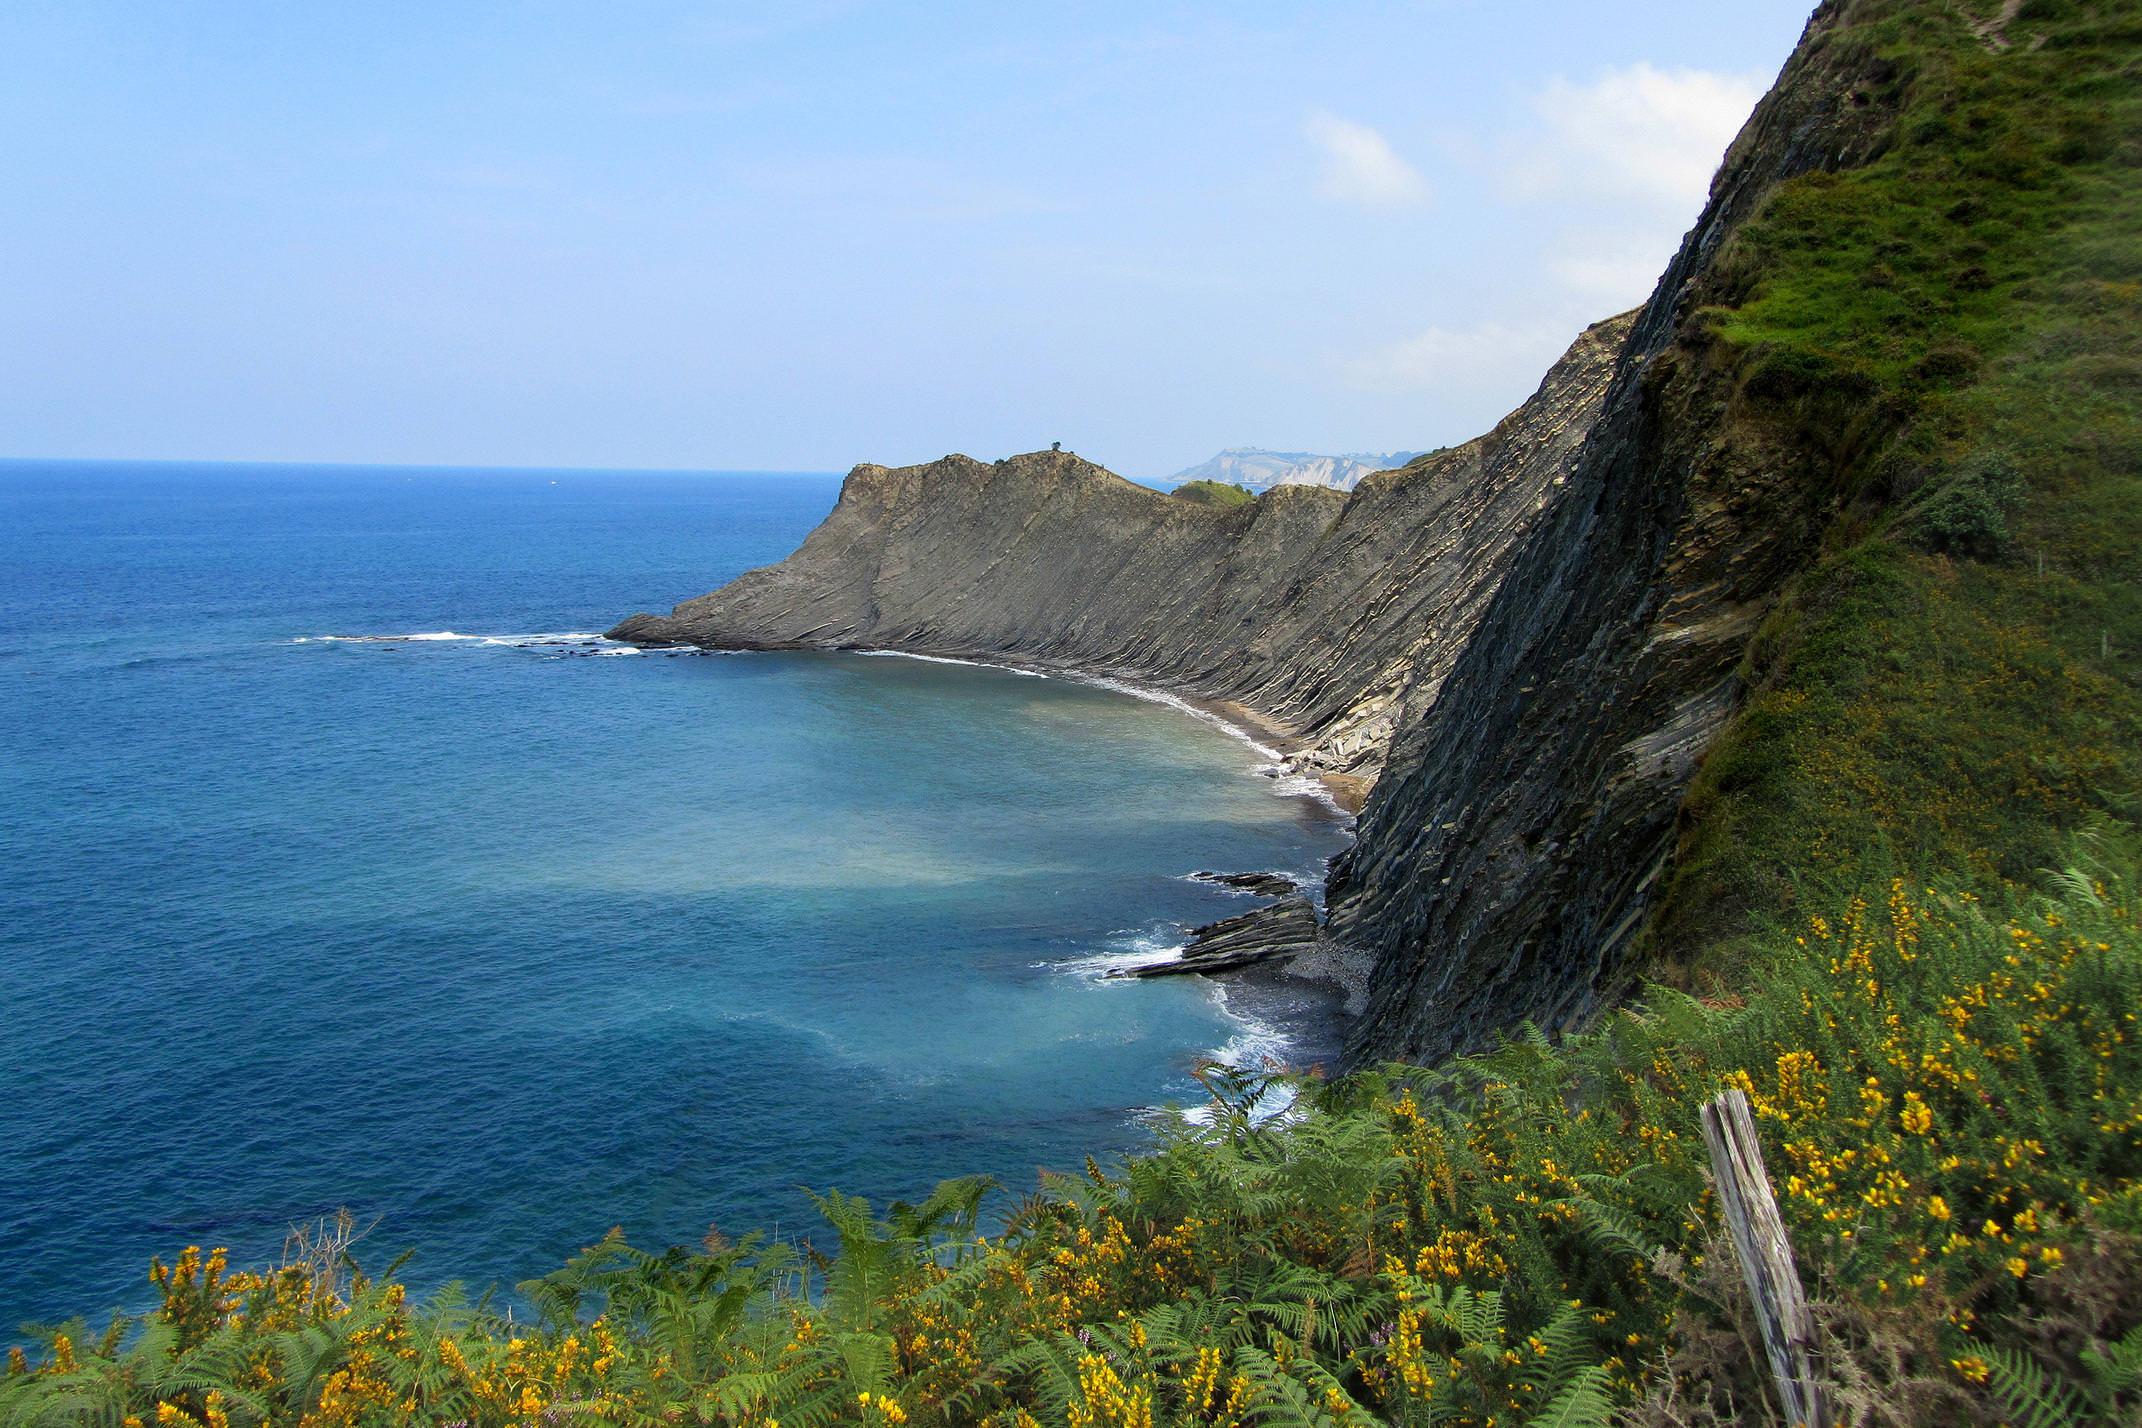 Spain basque inn to inn camino del norte zumaia cliffs 4